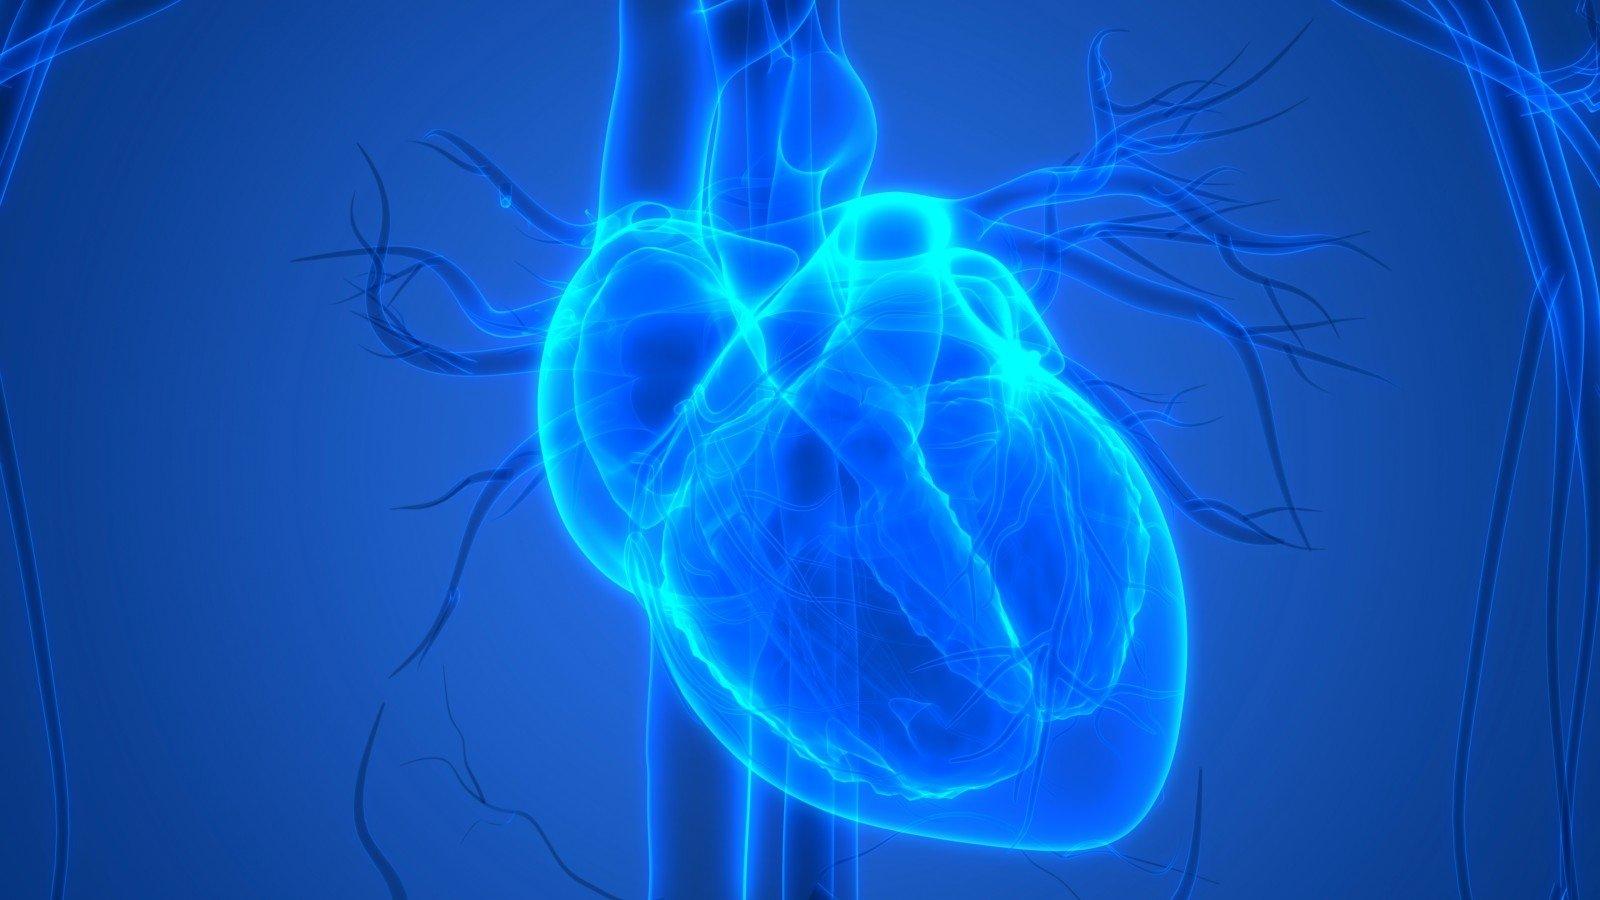 geros širdies sveikatos namuose)